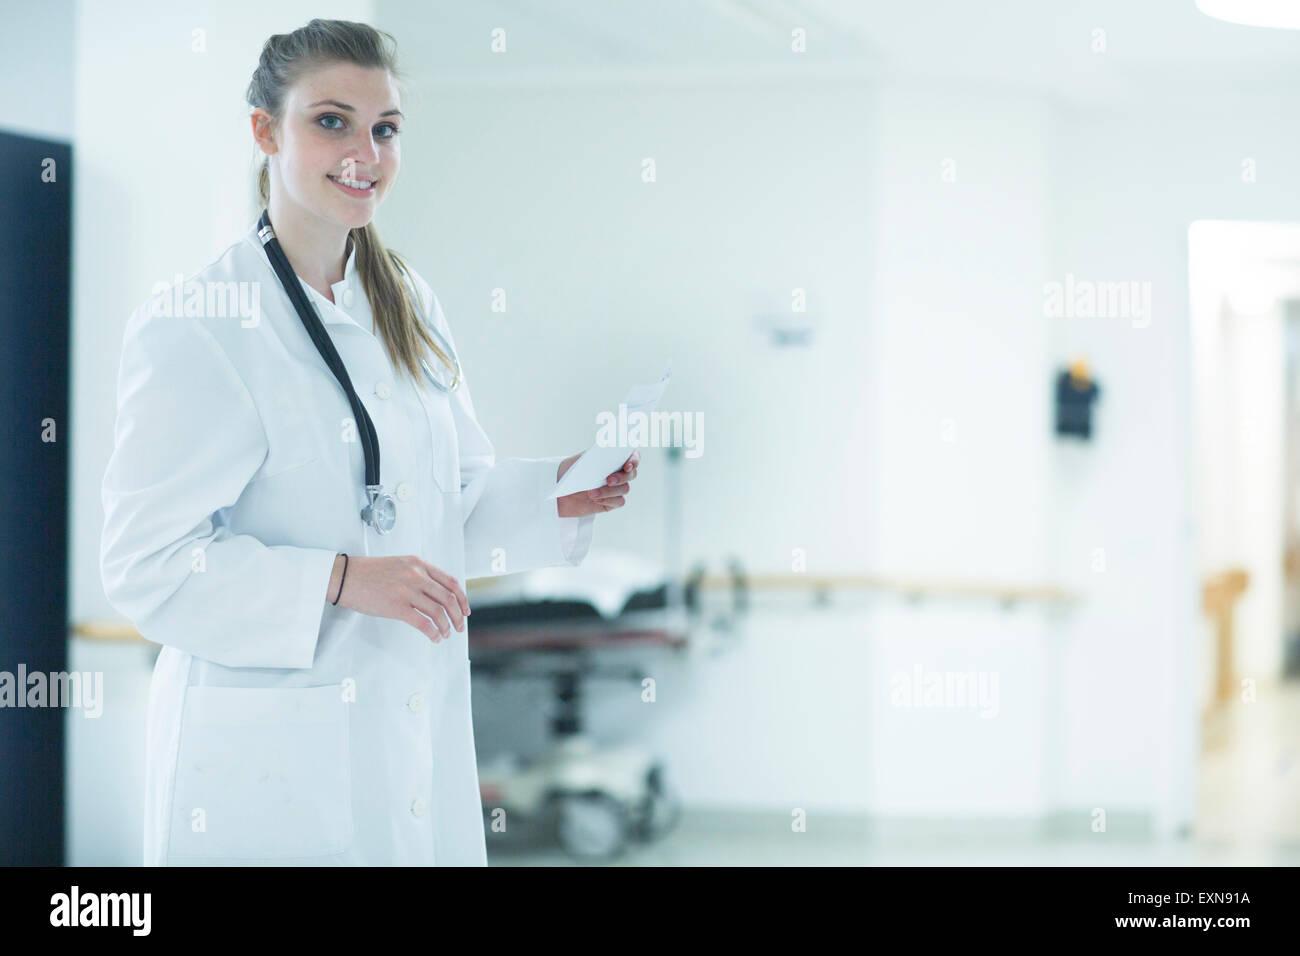 Porträt von lächelnden jungen Arzt im Krankenhaus Stock Stockbild